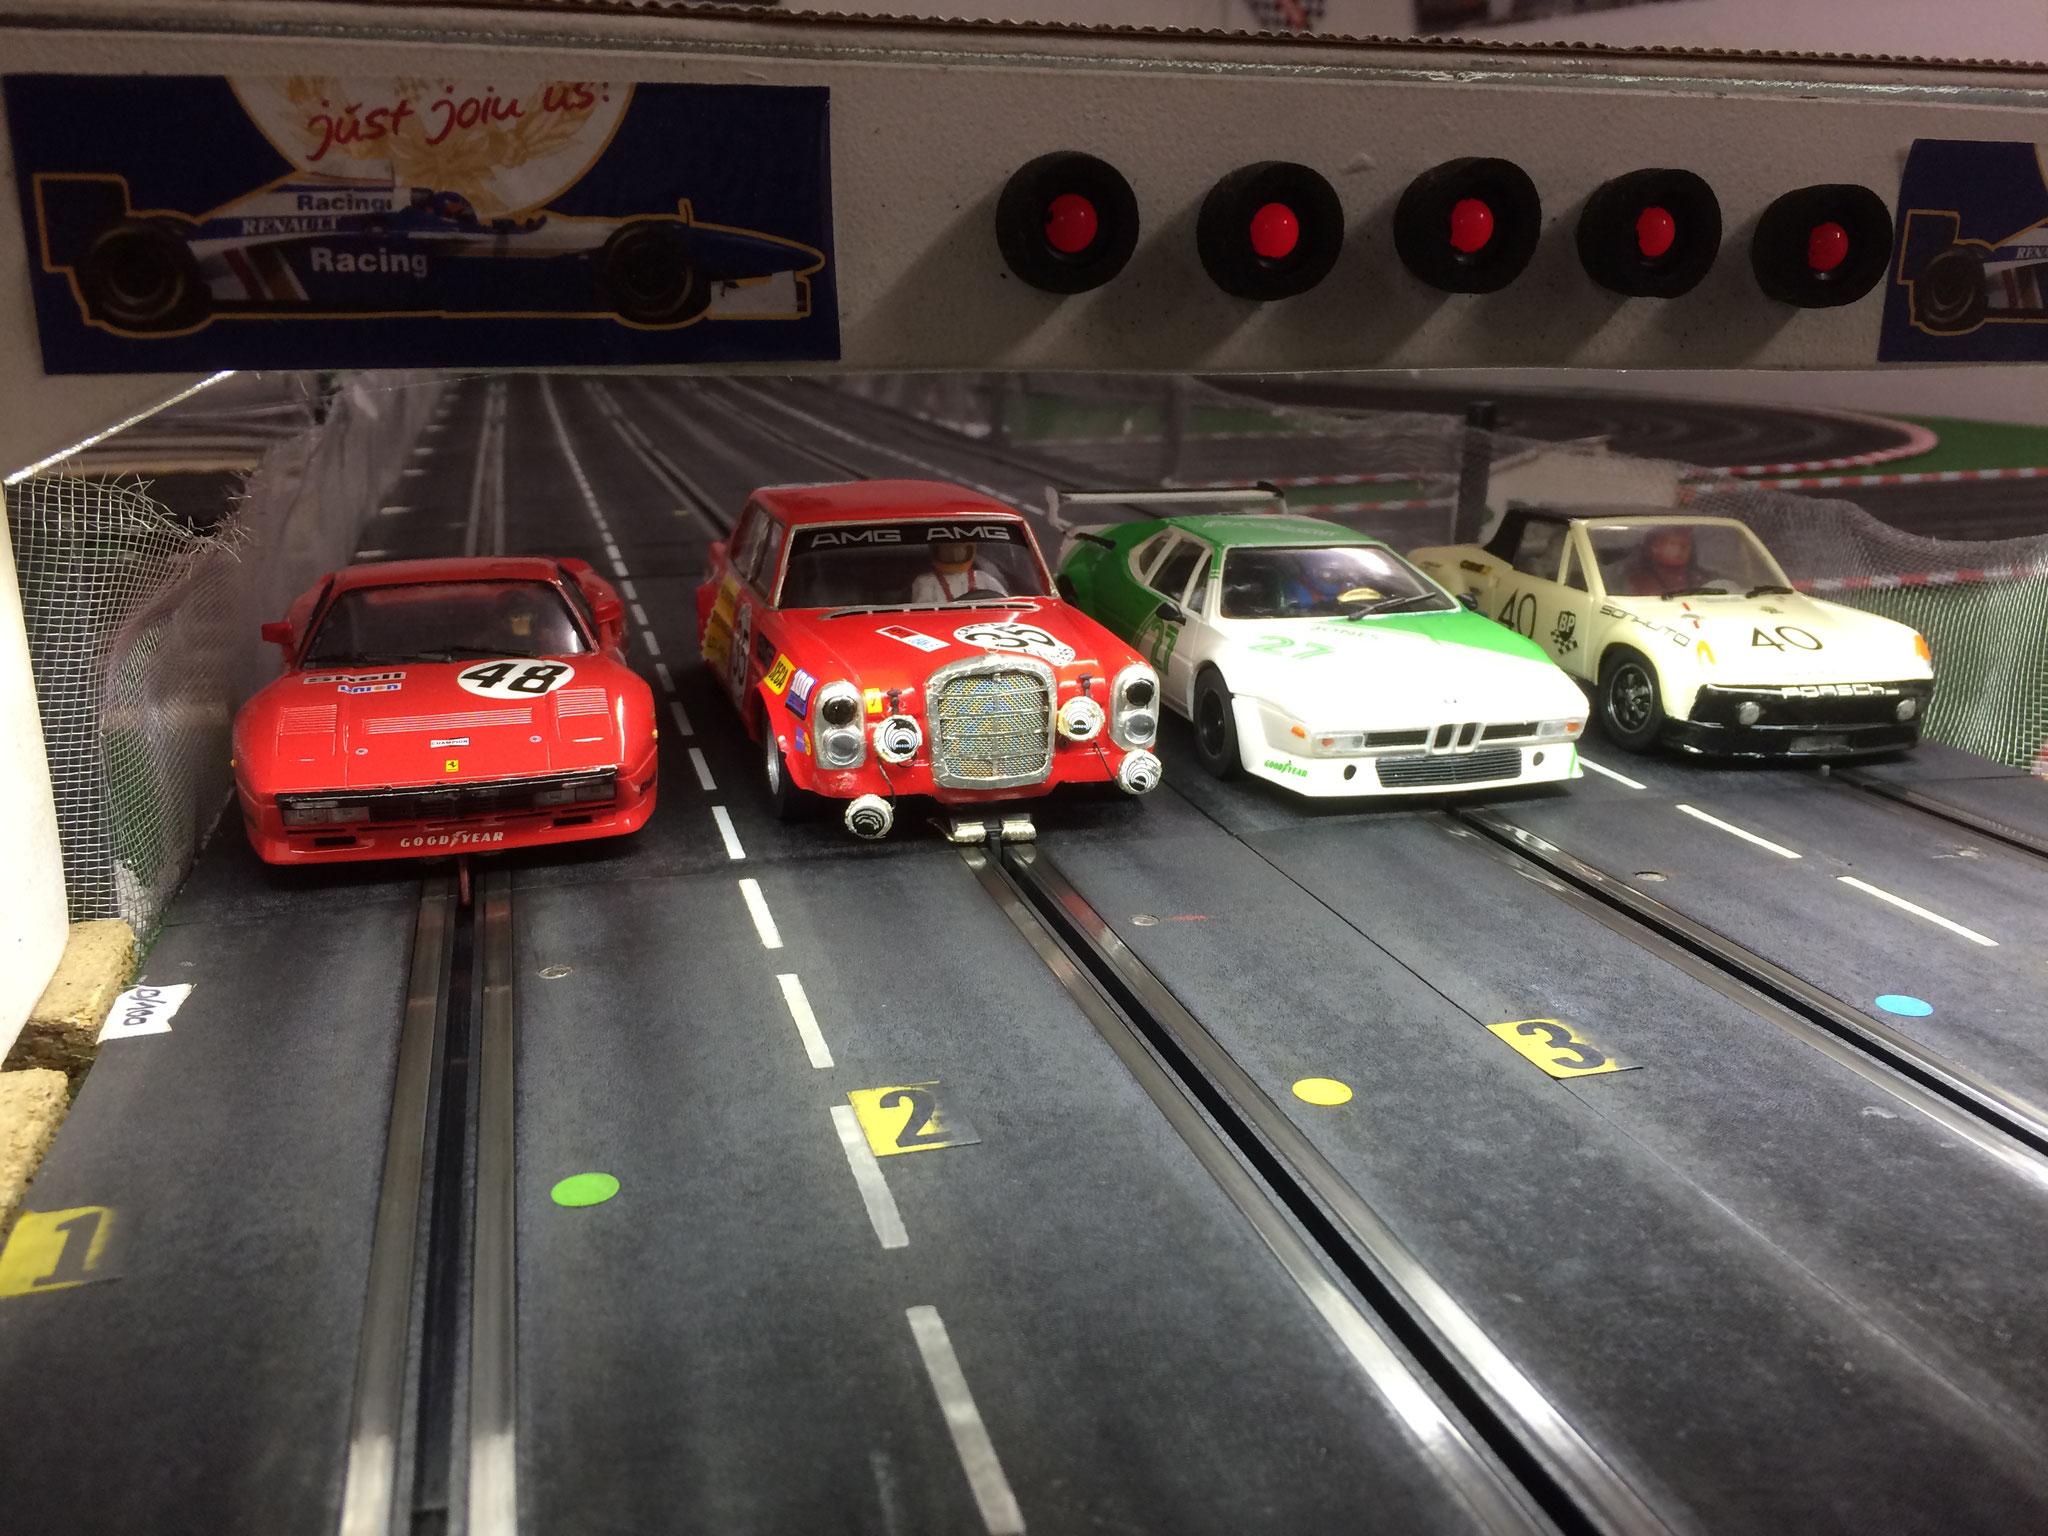 """Gleich geht´s los! Ein ungleiches Duell mit drei Gruppe 4 Sportwagen und einem """"Nutzfahrzeug"""" ;-) BMW M1 von Jörg, Ferrari 288 GTO und Porsche 914 (beide von Woody) und der Lastesel MB 300 SEL von Markus."""